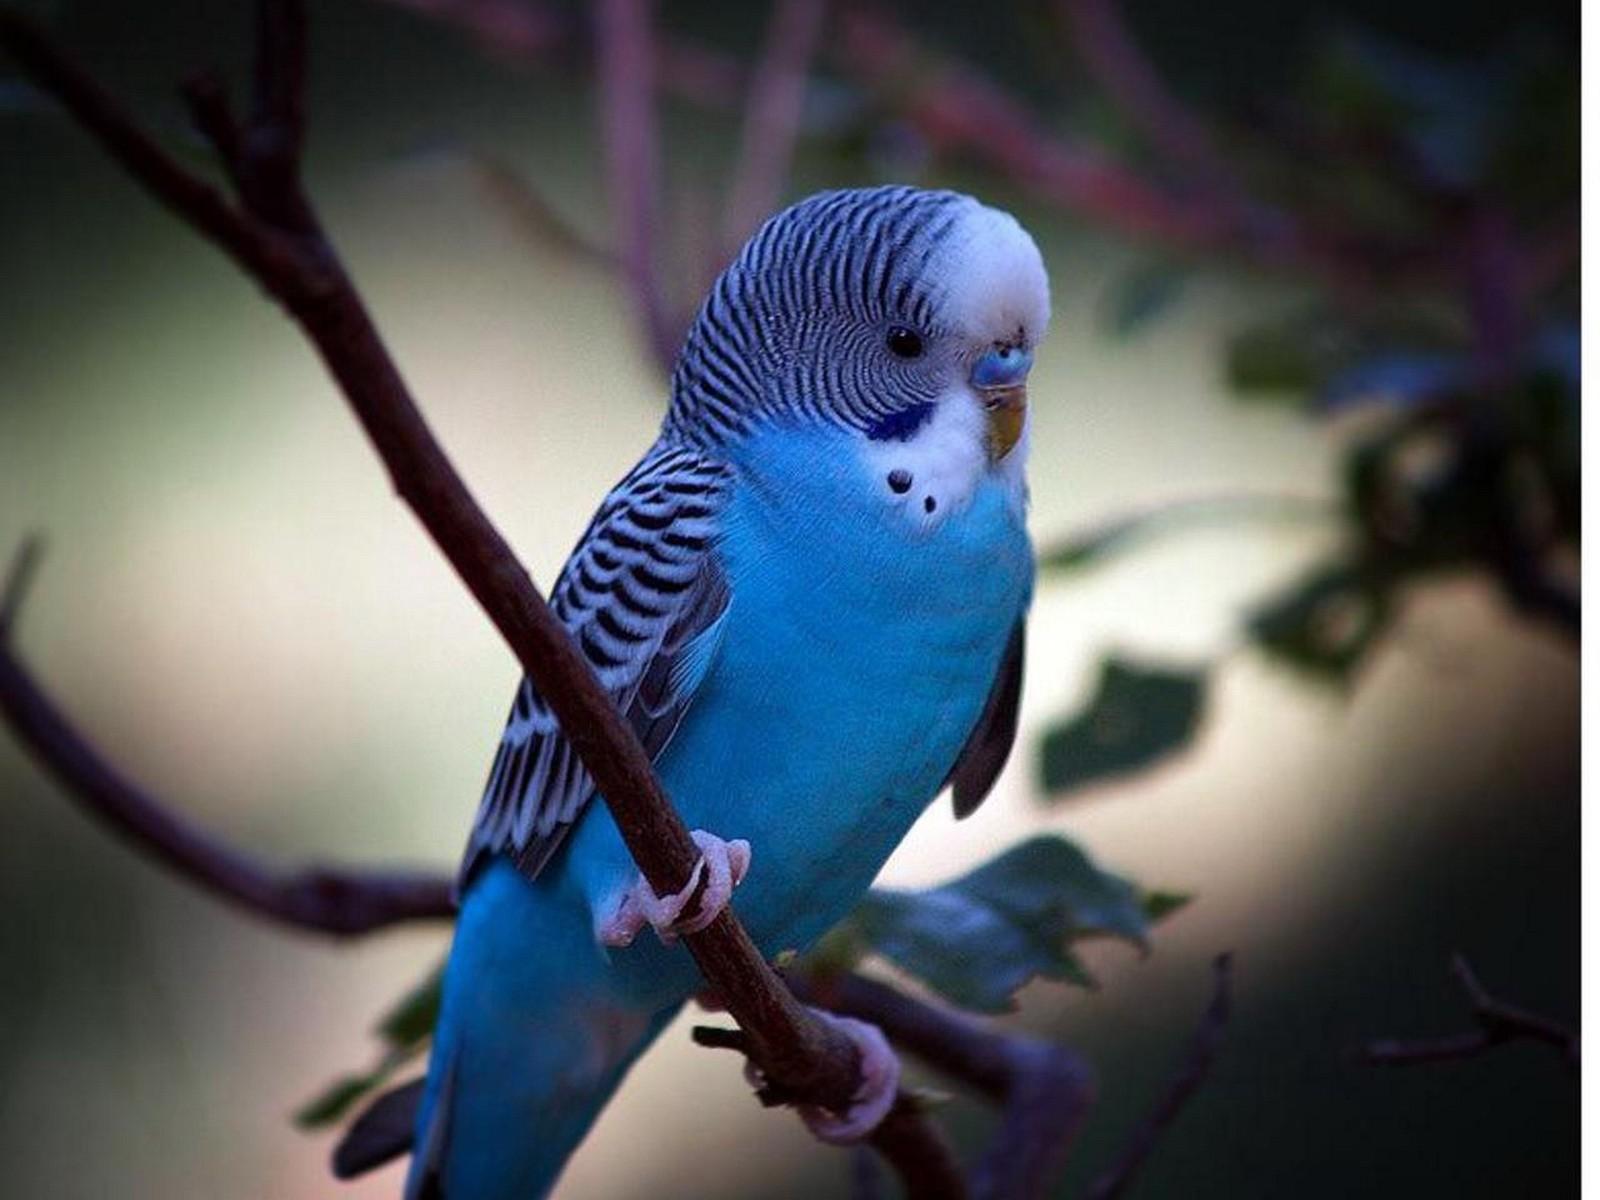 Rüyada muhabbet kuşlar görmek yakalamak ne demek